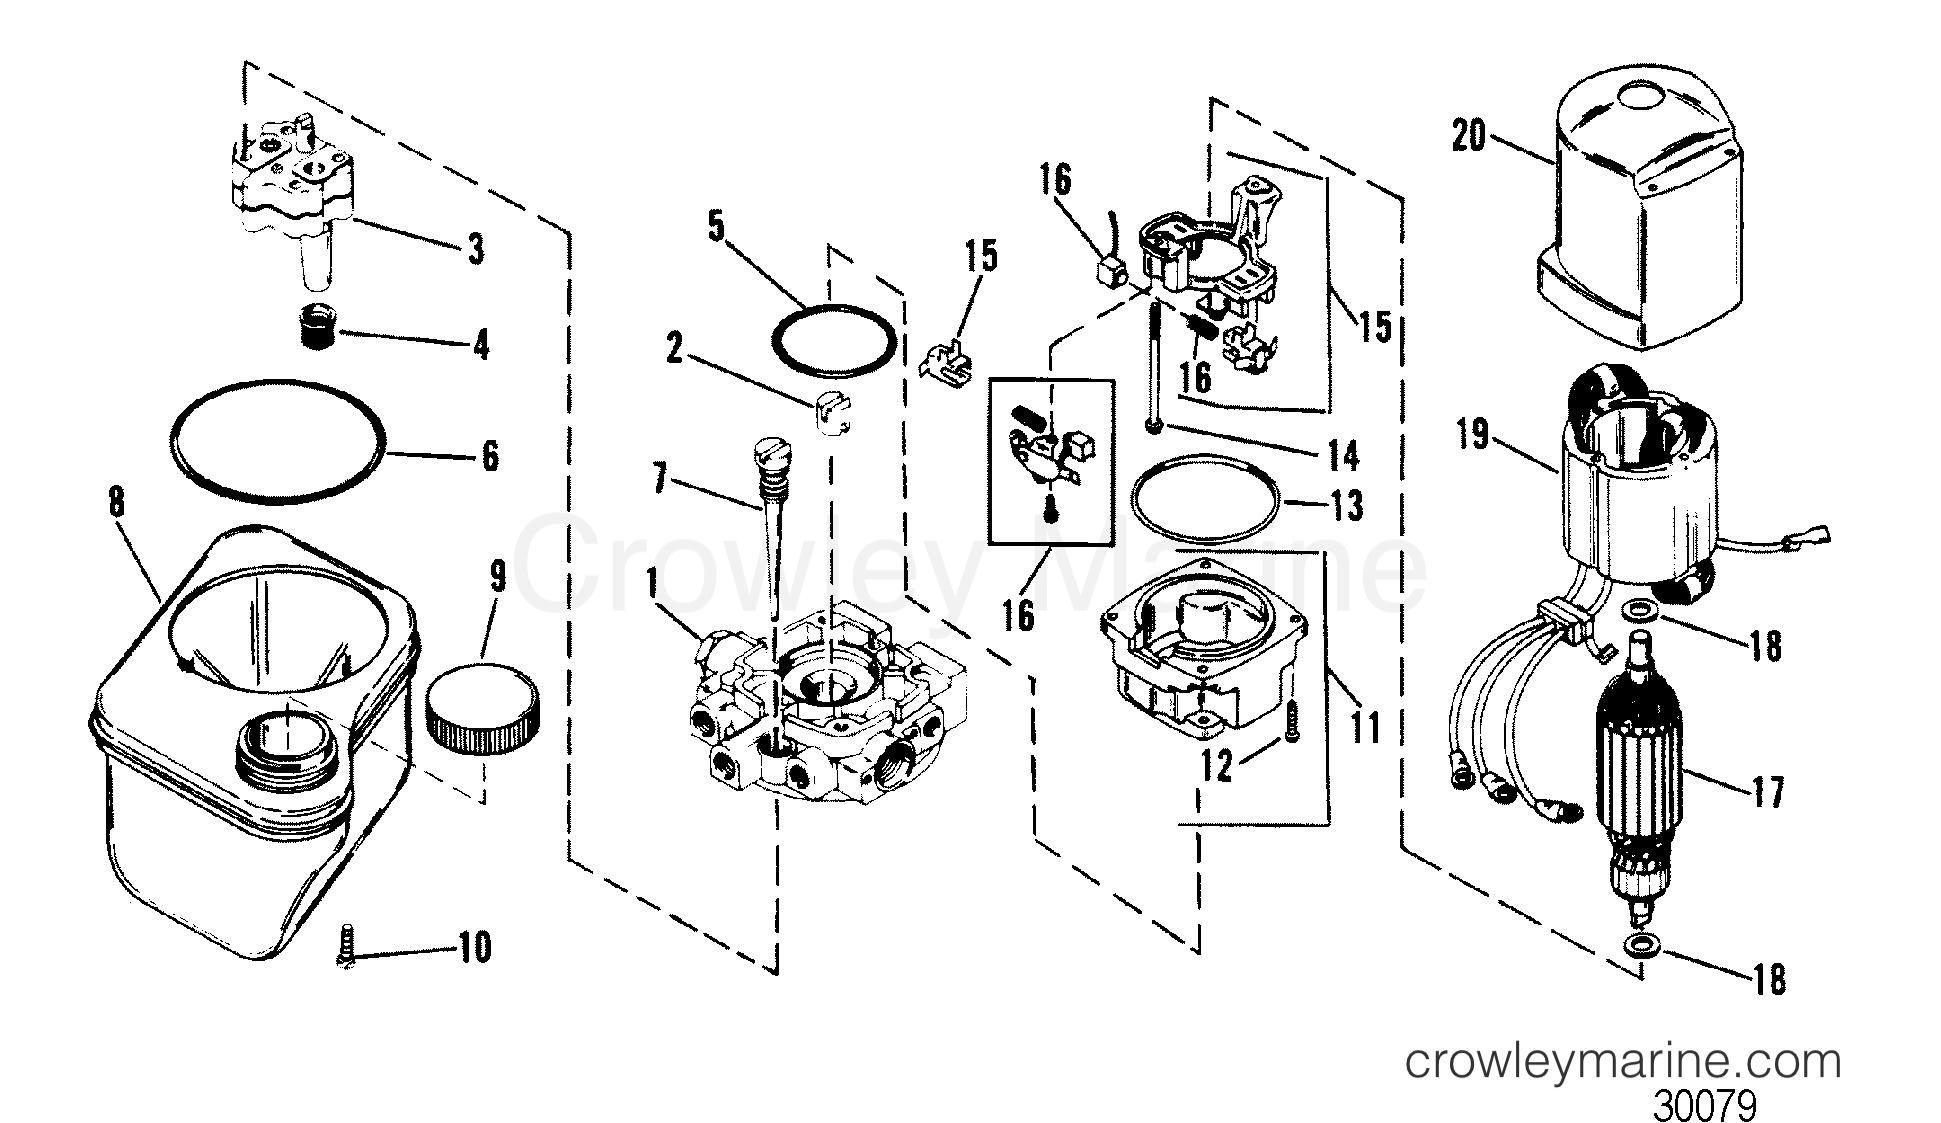 Hydraulic Pump Oildyne Pump Plastic Reservoir